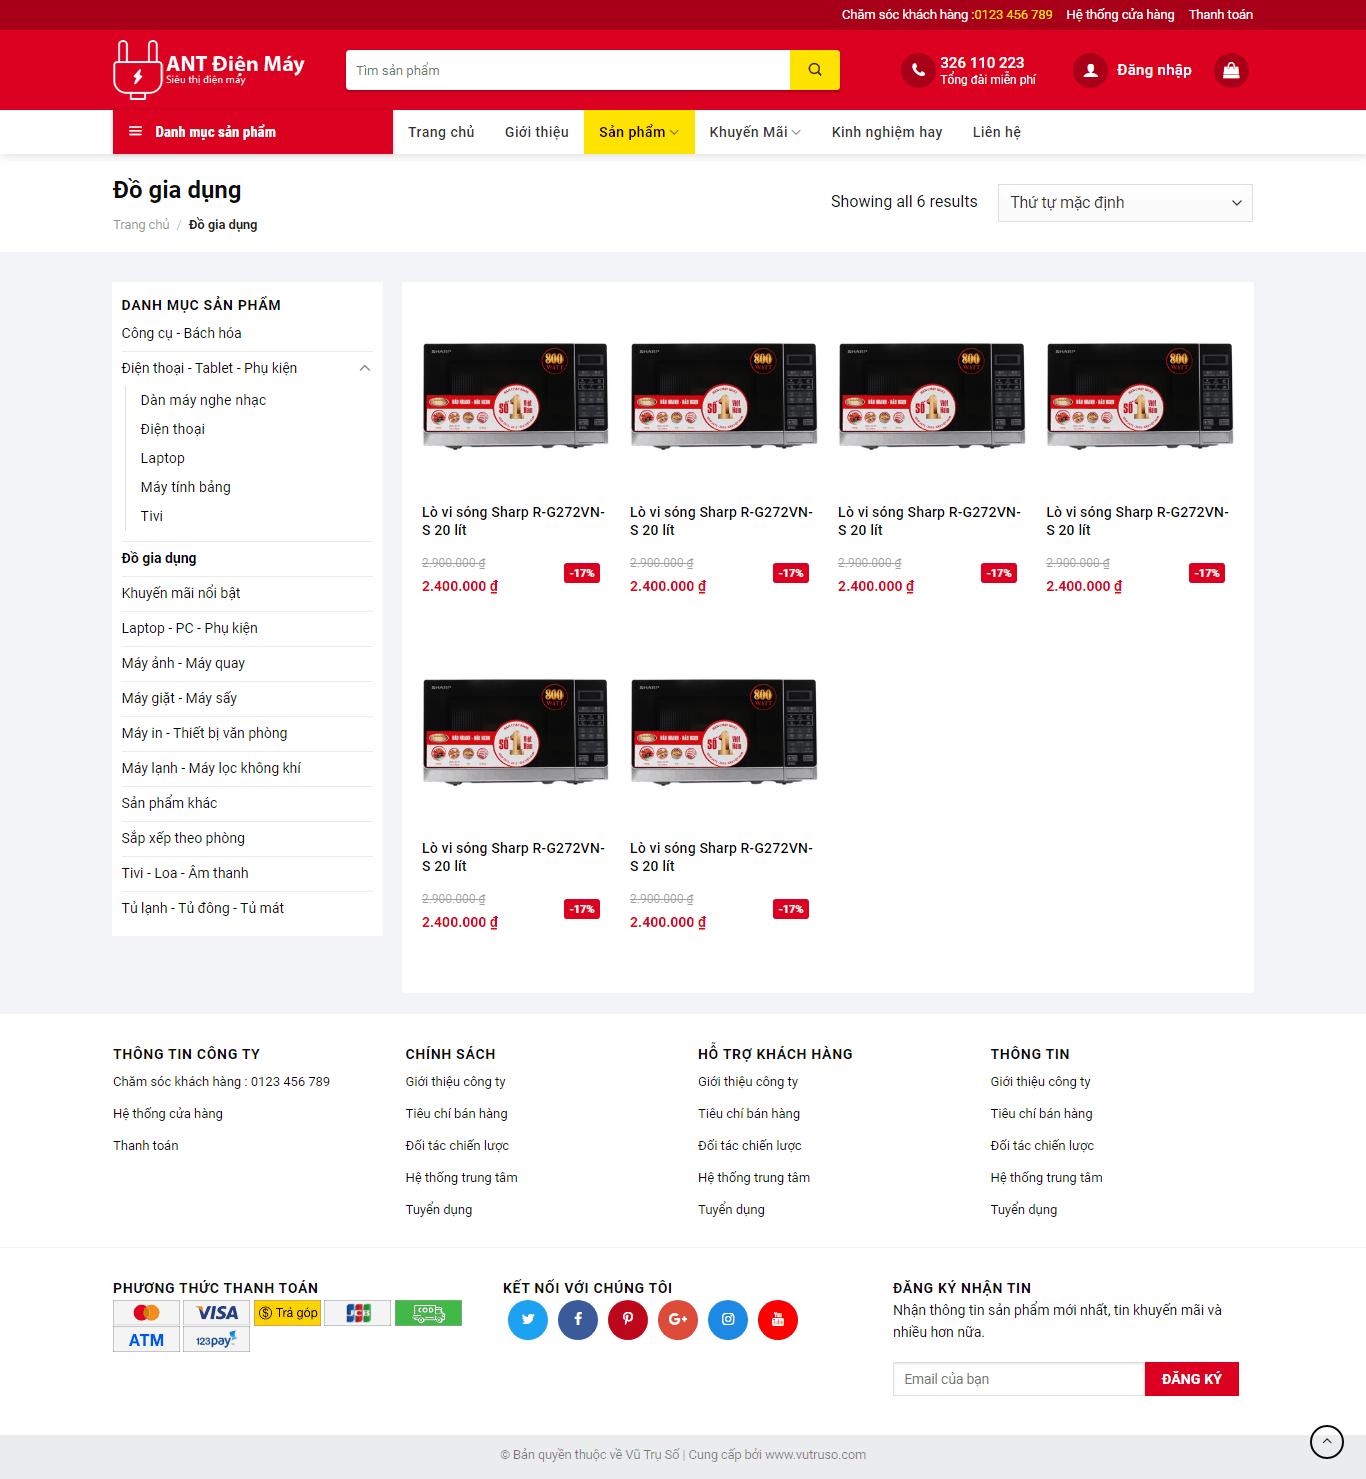 Mẫu website thương mại điện tử ANT